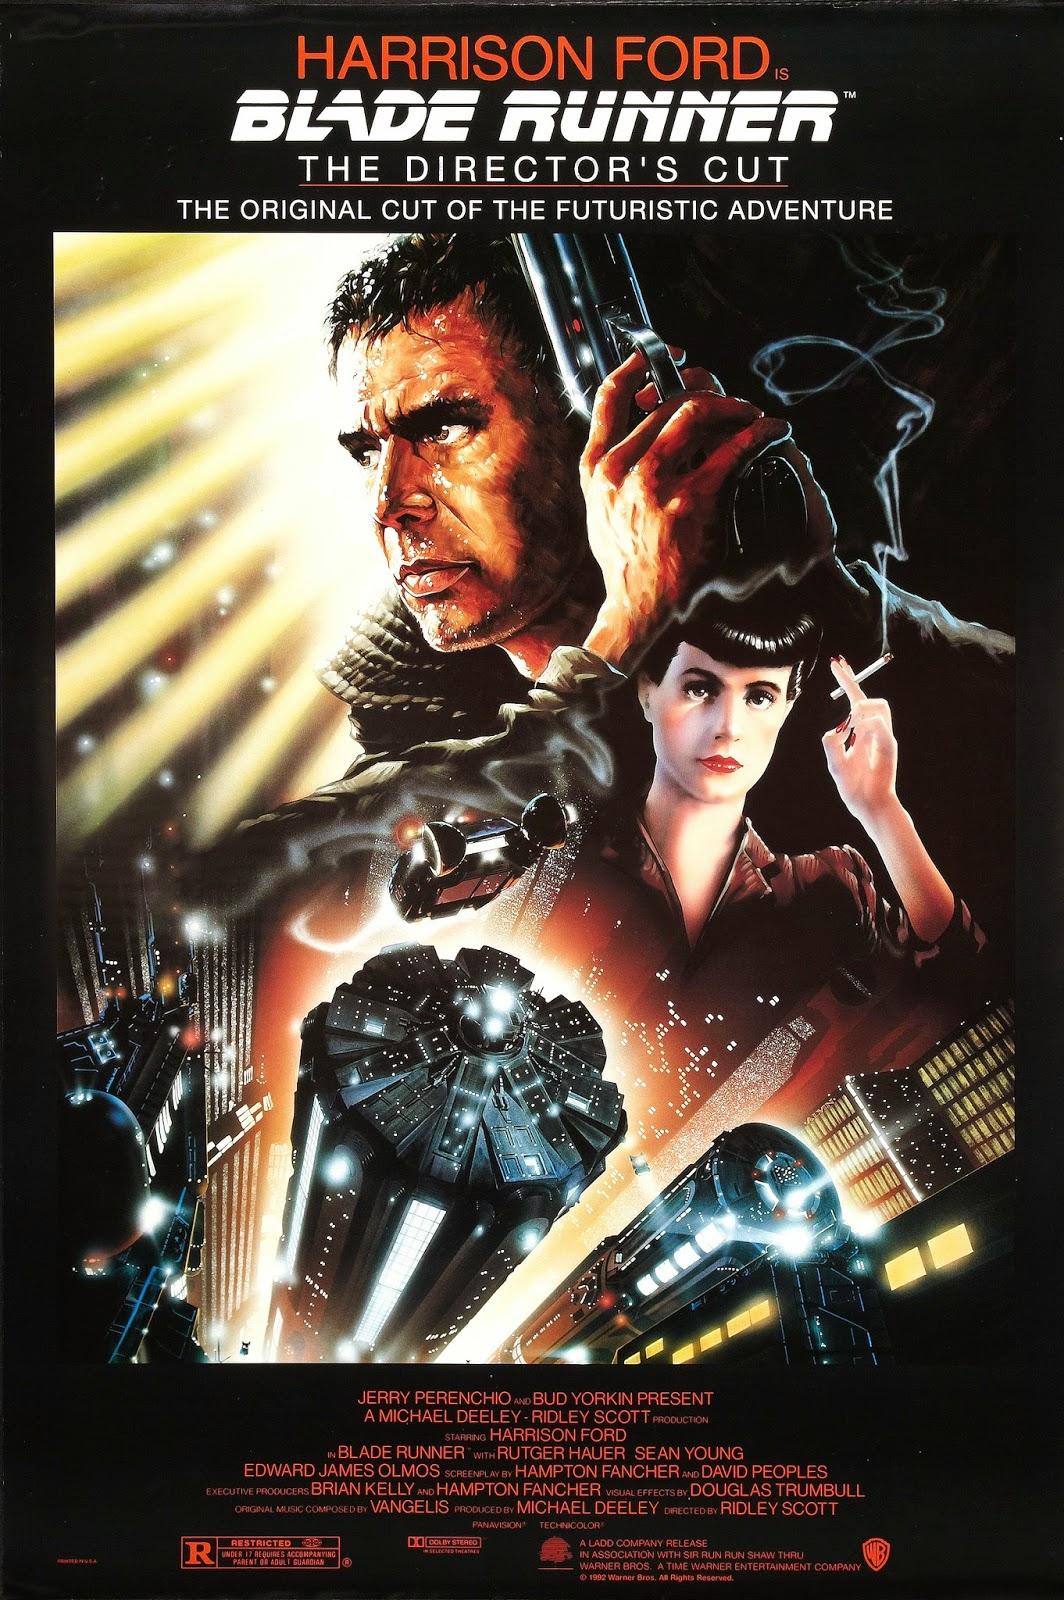 Blade Runner 1982 film ridley scott harrison ford sci fi philip K dick poster